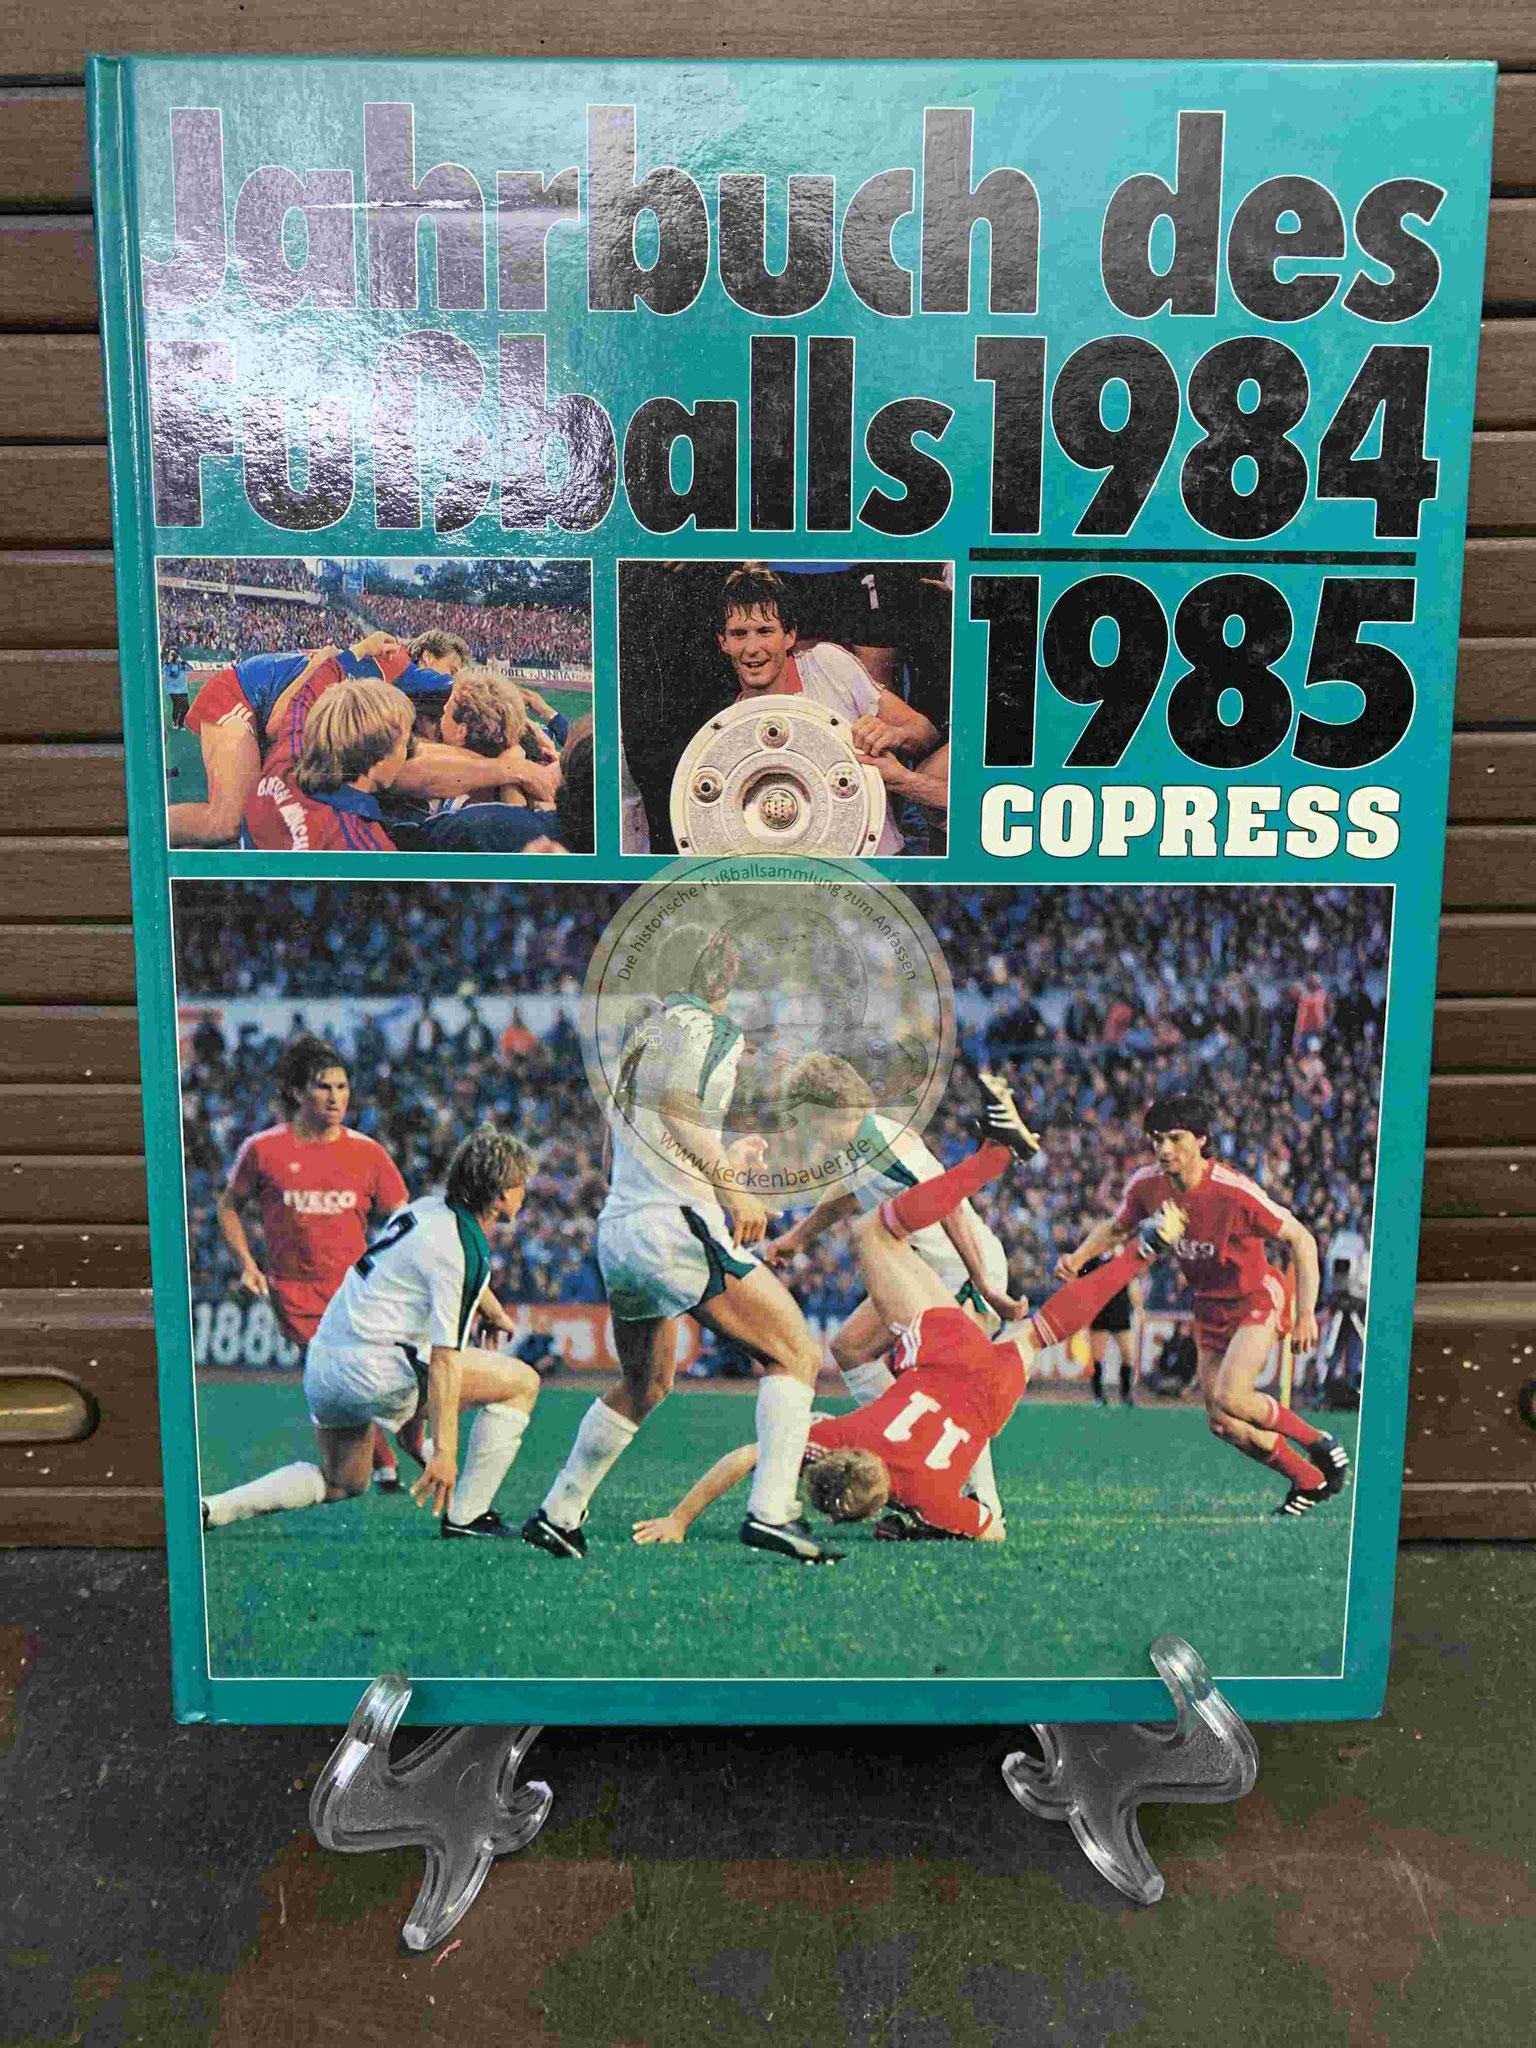 Jahrbuch des Fußballs 1984/1985 vom Copress Verlag.